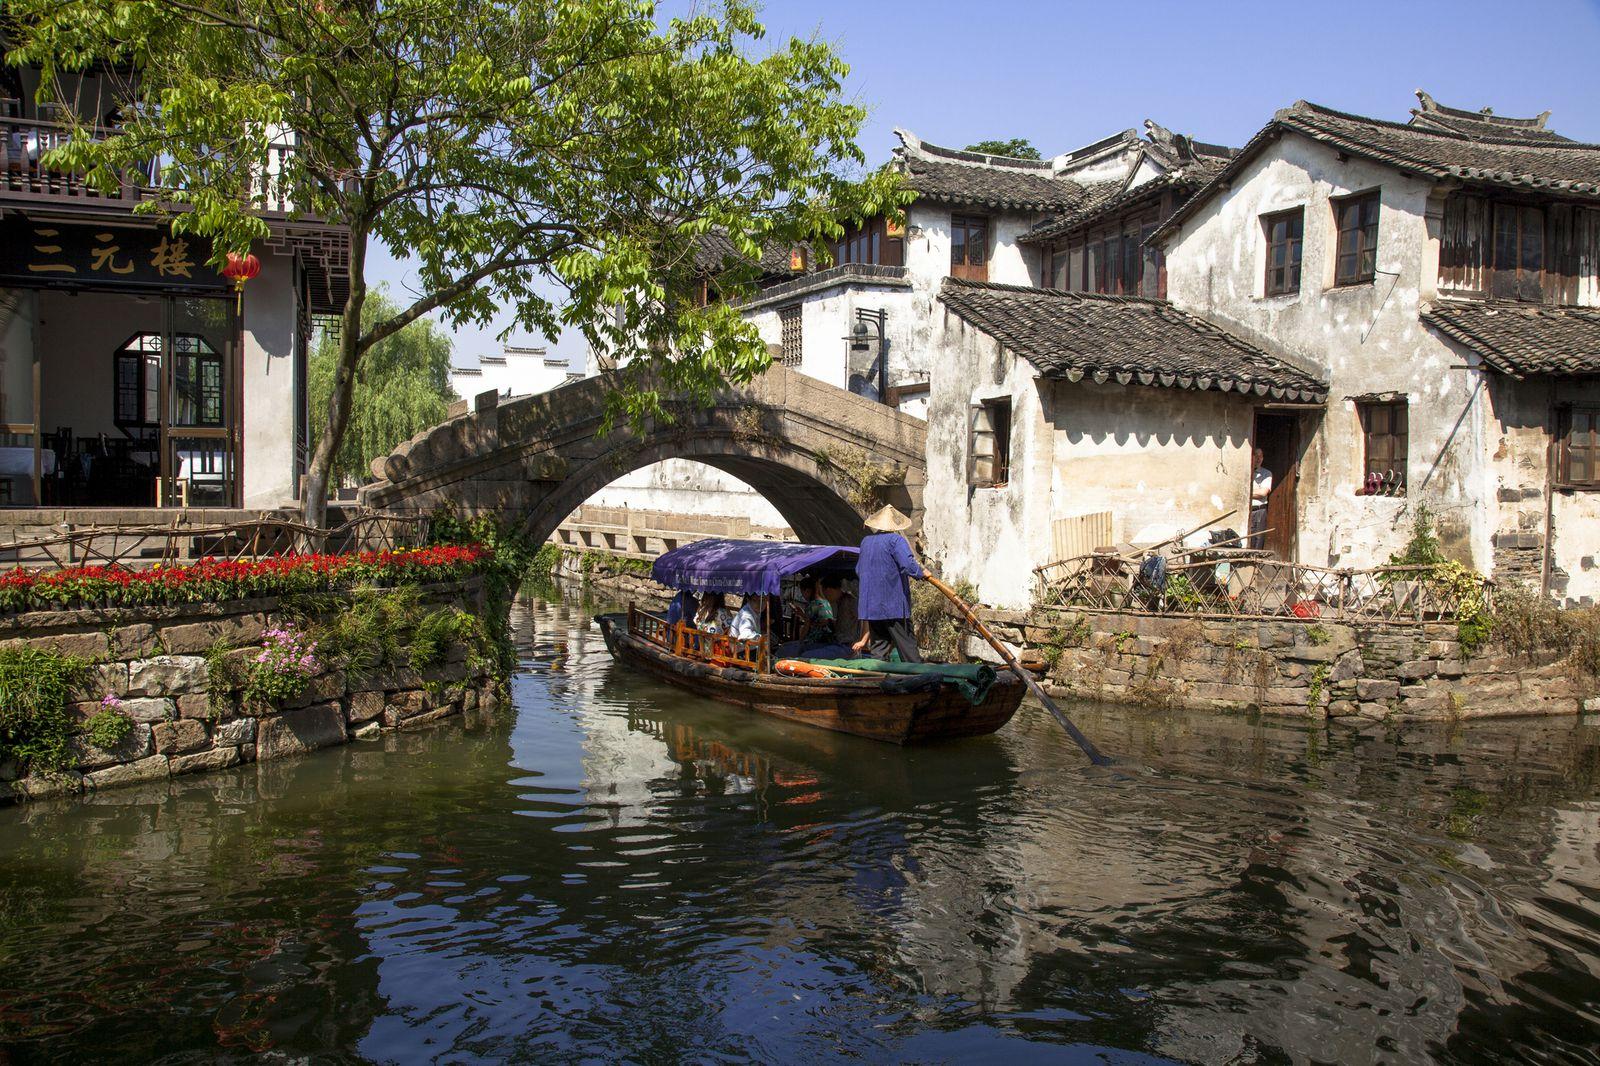 女子旅にぴったり!美しすぎる水郷の町「中国・周庄」1泊プランをご紹介